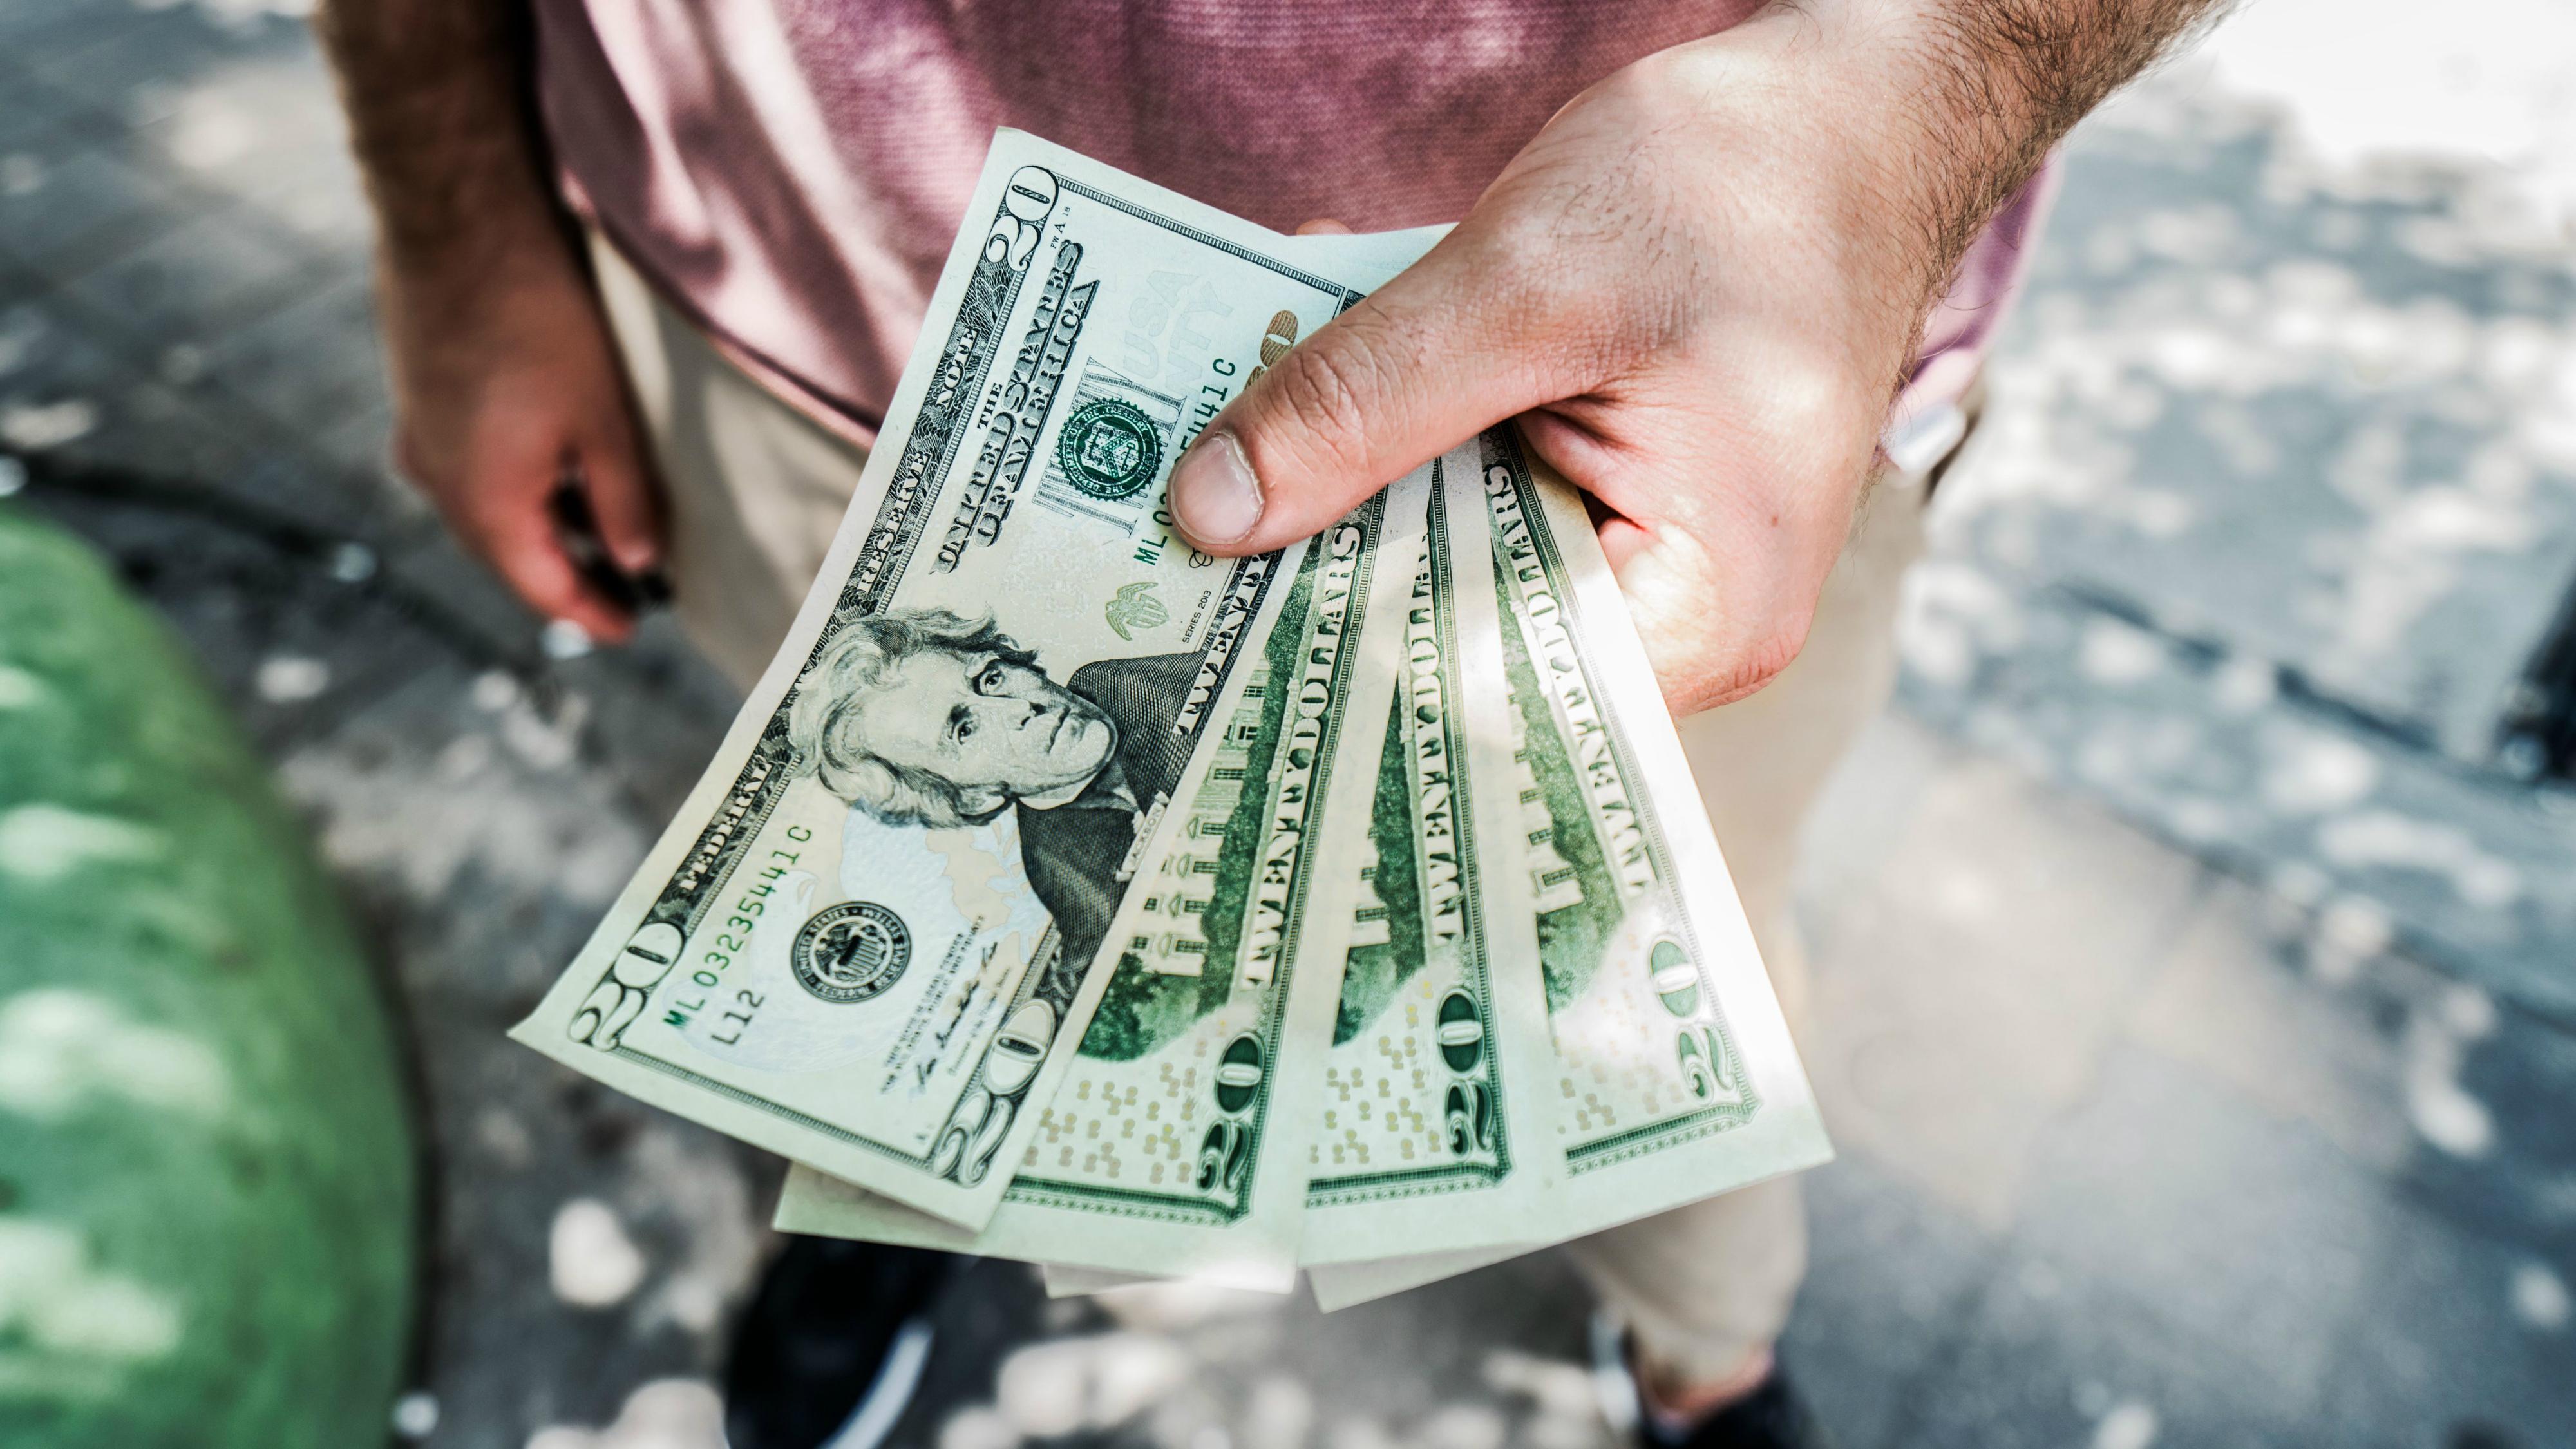 Kā pelnīt naudu no mājas uk 2020, uzrakstiet e-grāmatu daudzējādā...